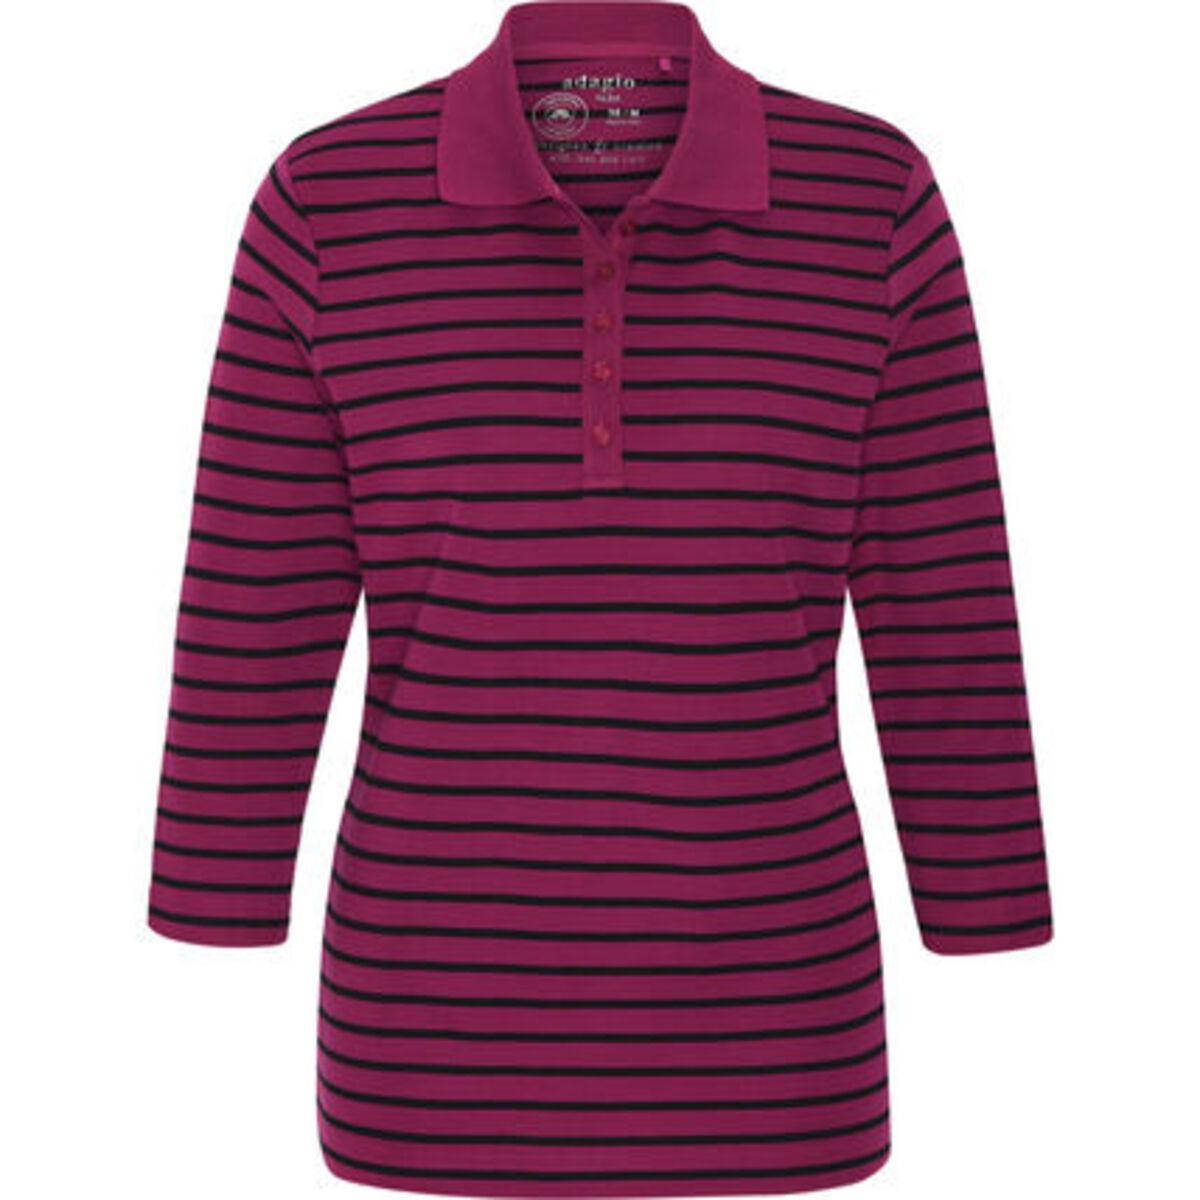 """Bild 1 von Adagio Poloshirt """"Tilda"""", 3/4 Ärmel, Streifen, Pima Cotton, für Damen"""